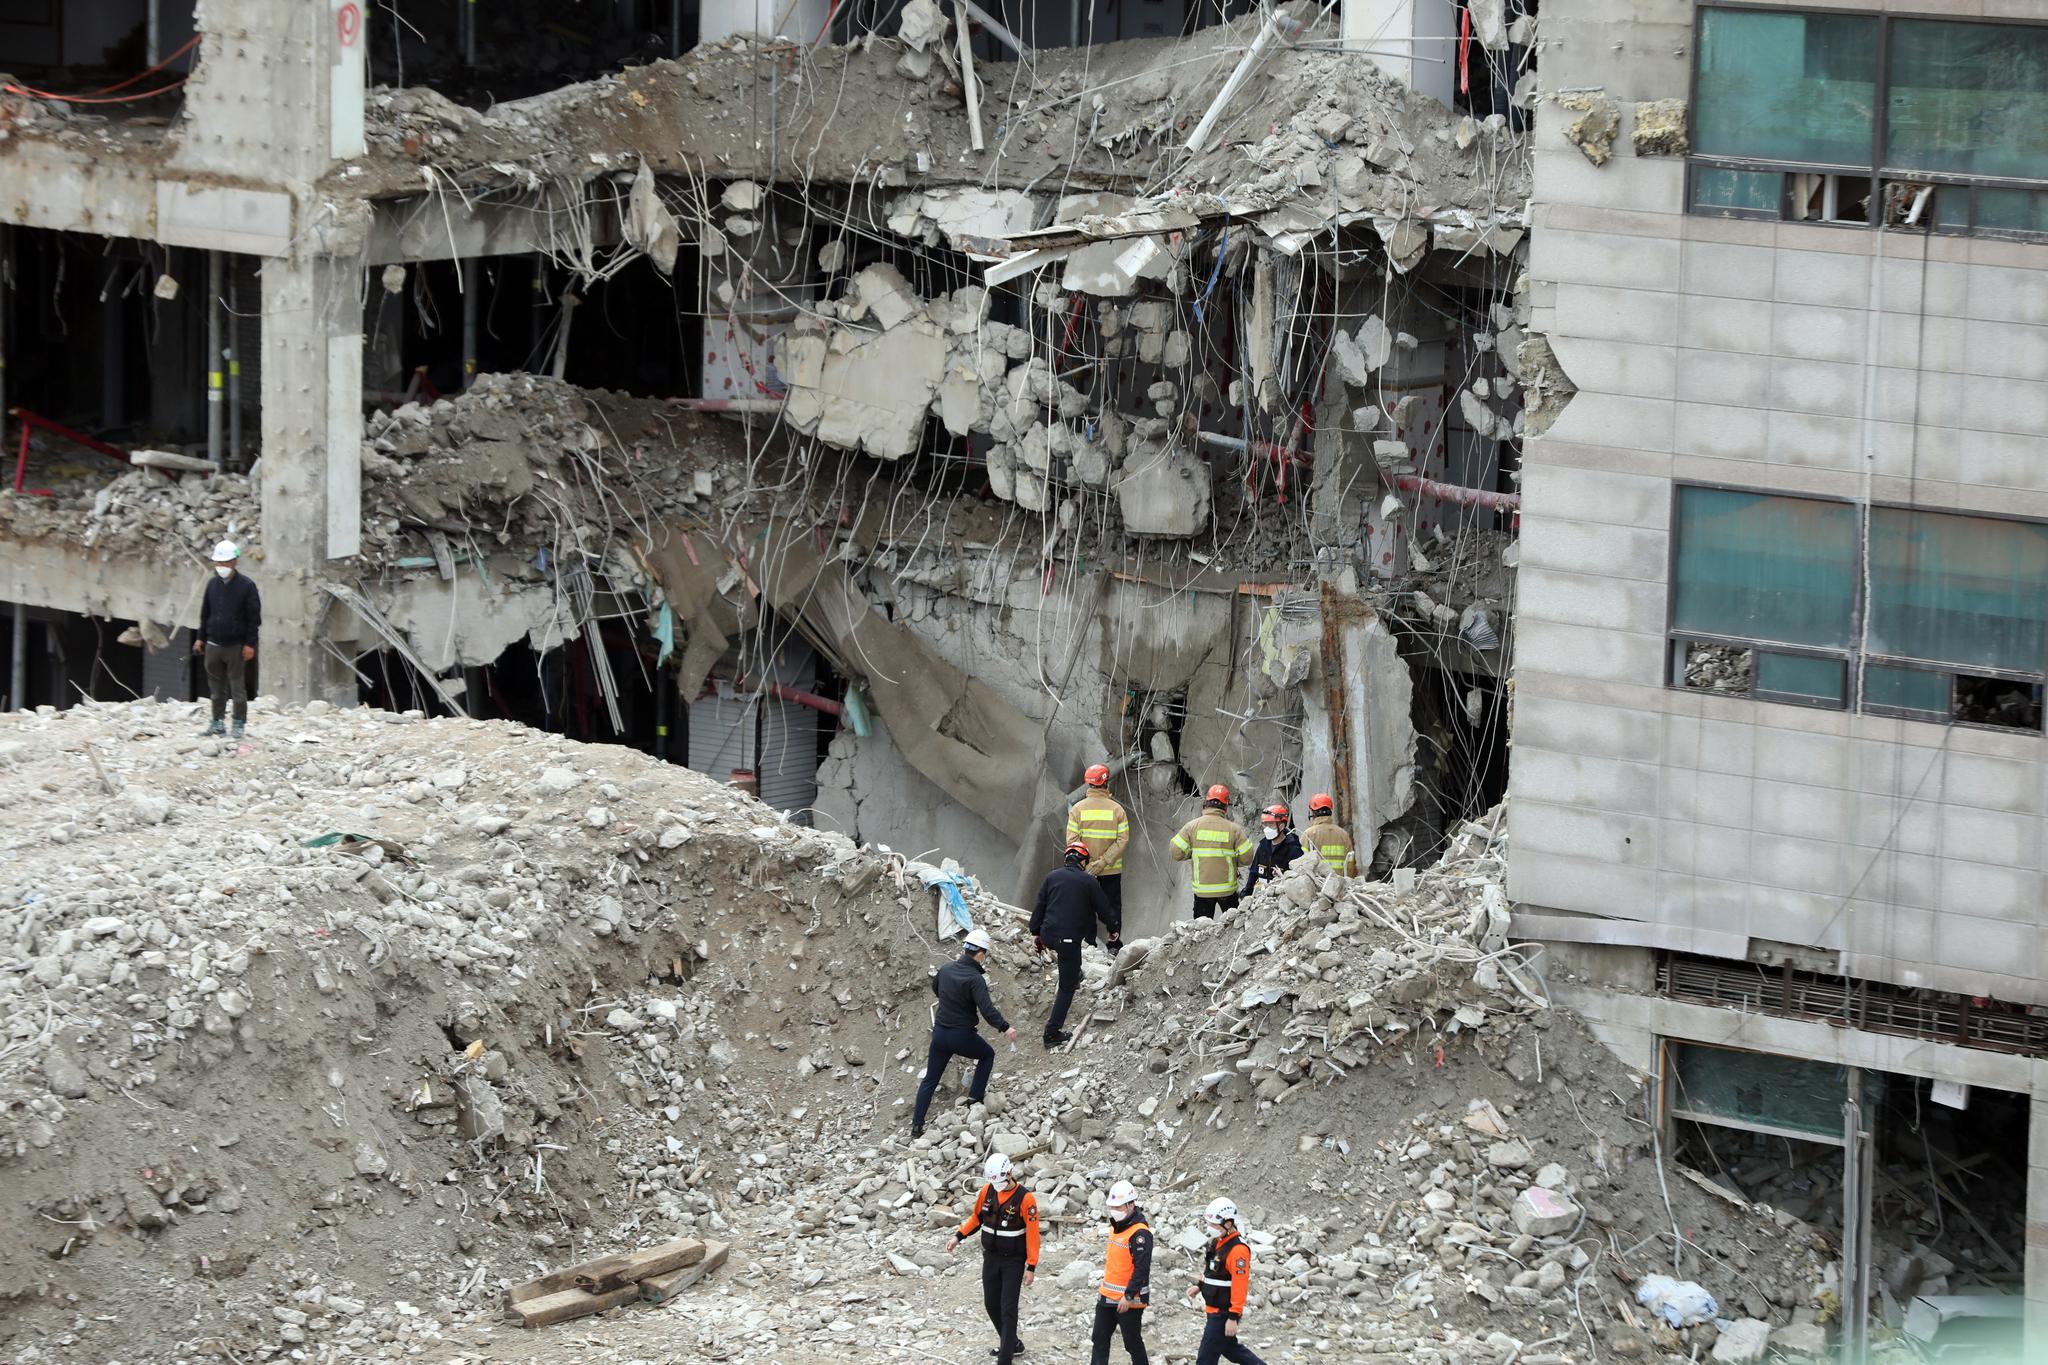 1일 오전 서울 성북구의 한 재개발 지역 건물 붕괴 현장에서 소방대원 등 관계자들이 매몰자 수색작업을 펼치고 있다. 뉴스1